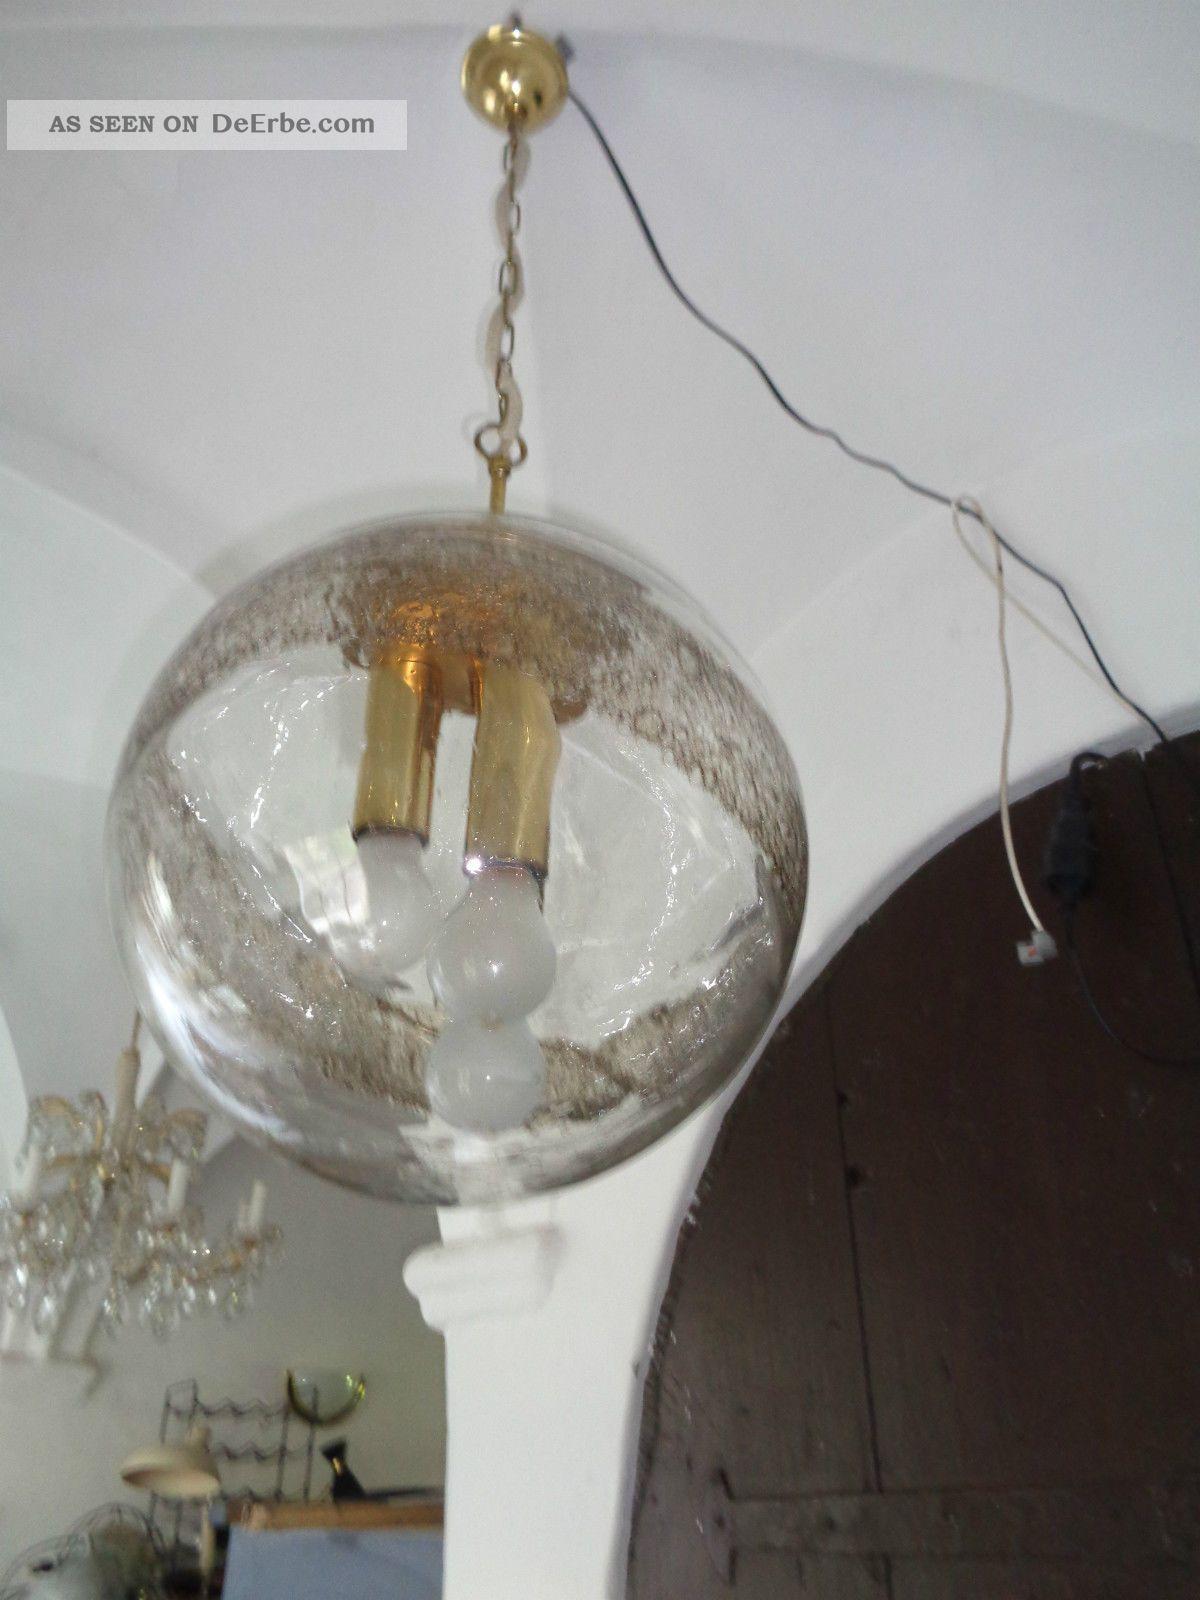 hngelampe glaskugel finest moderne bolle lampe led. Black Bedroom Furniture Sets. Home Design Ideas